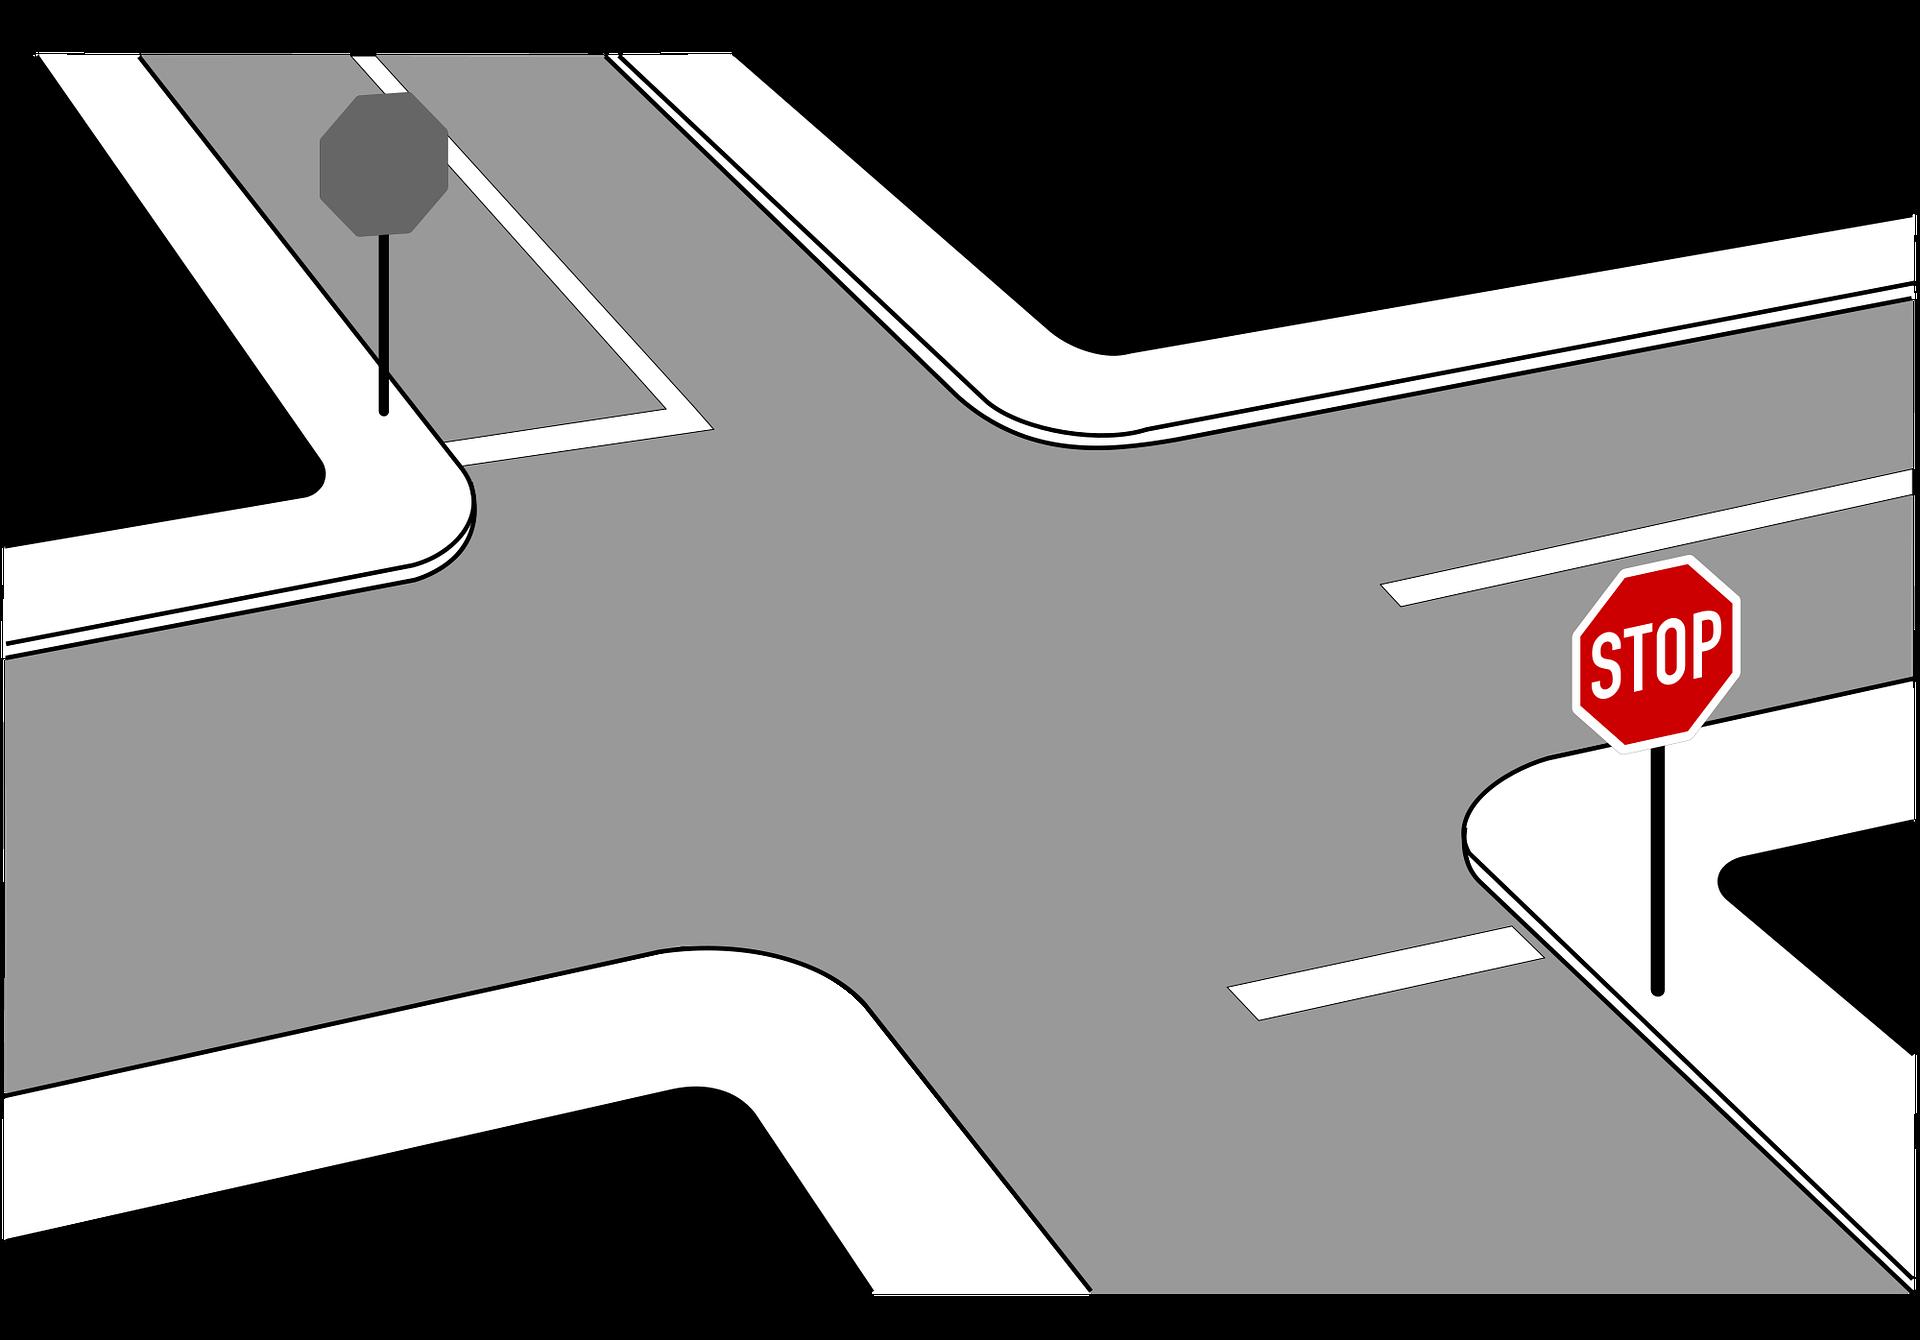 Zatrzymanie przed znakiem STOPu, znak stop, znak B-20 stop, znak B-20